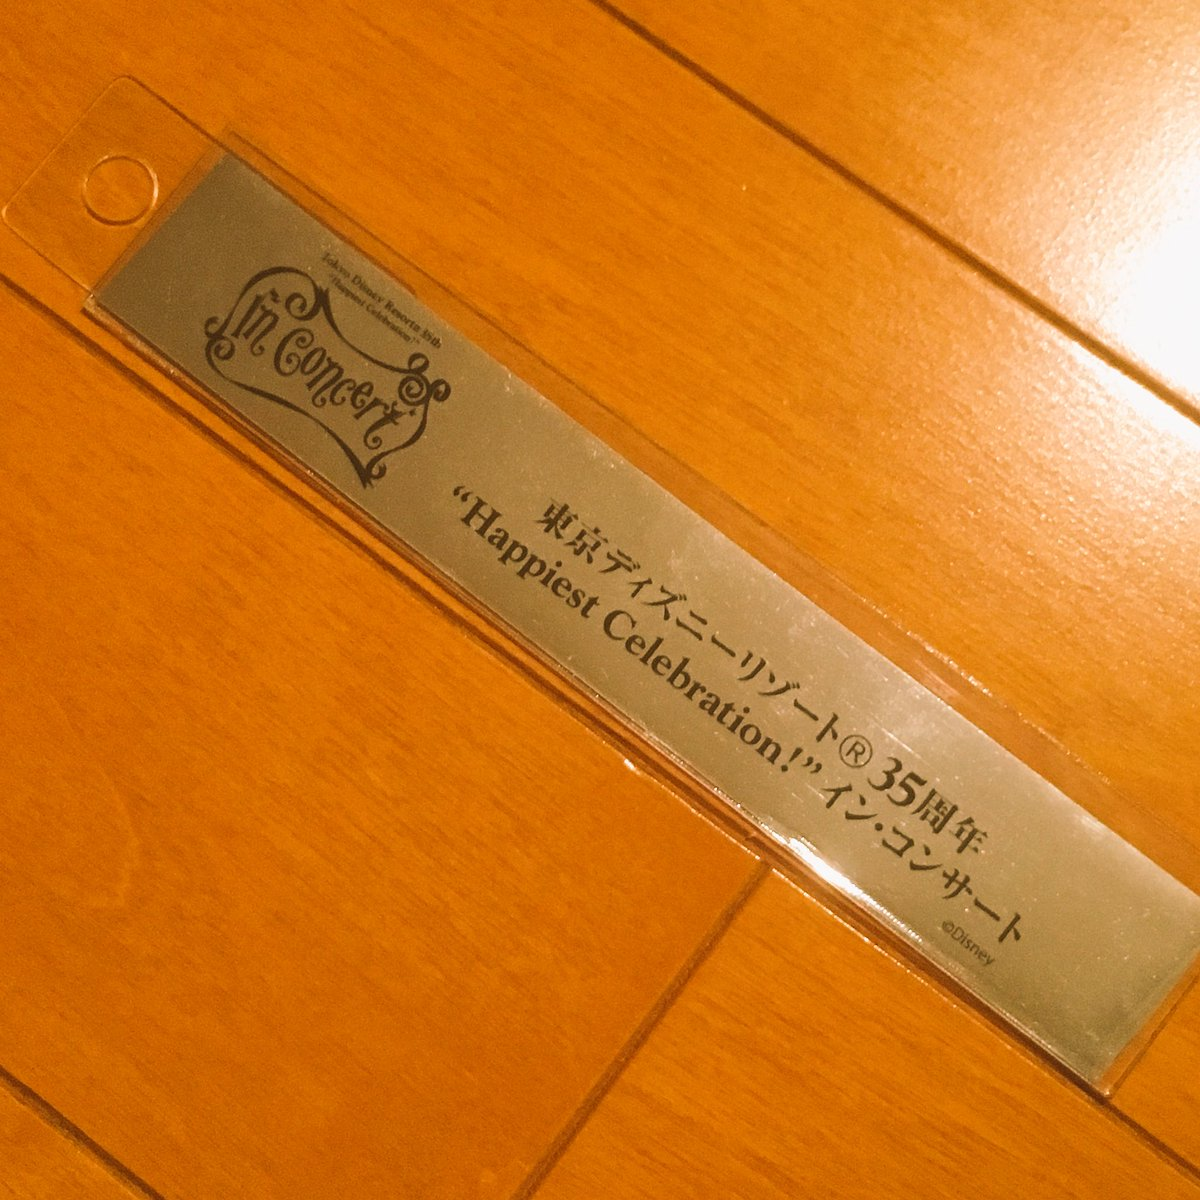 test ツイッターメディア - 100均の銀テケース最高な? もっと早くコレ欲しかったやつ! #銀テ #キャンドゥ #100均 #ディズニー #ハピエスト #35周年 #銀テープ https://t.co/OFYYPNmtoF